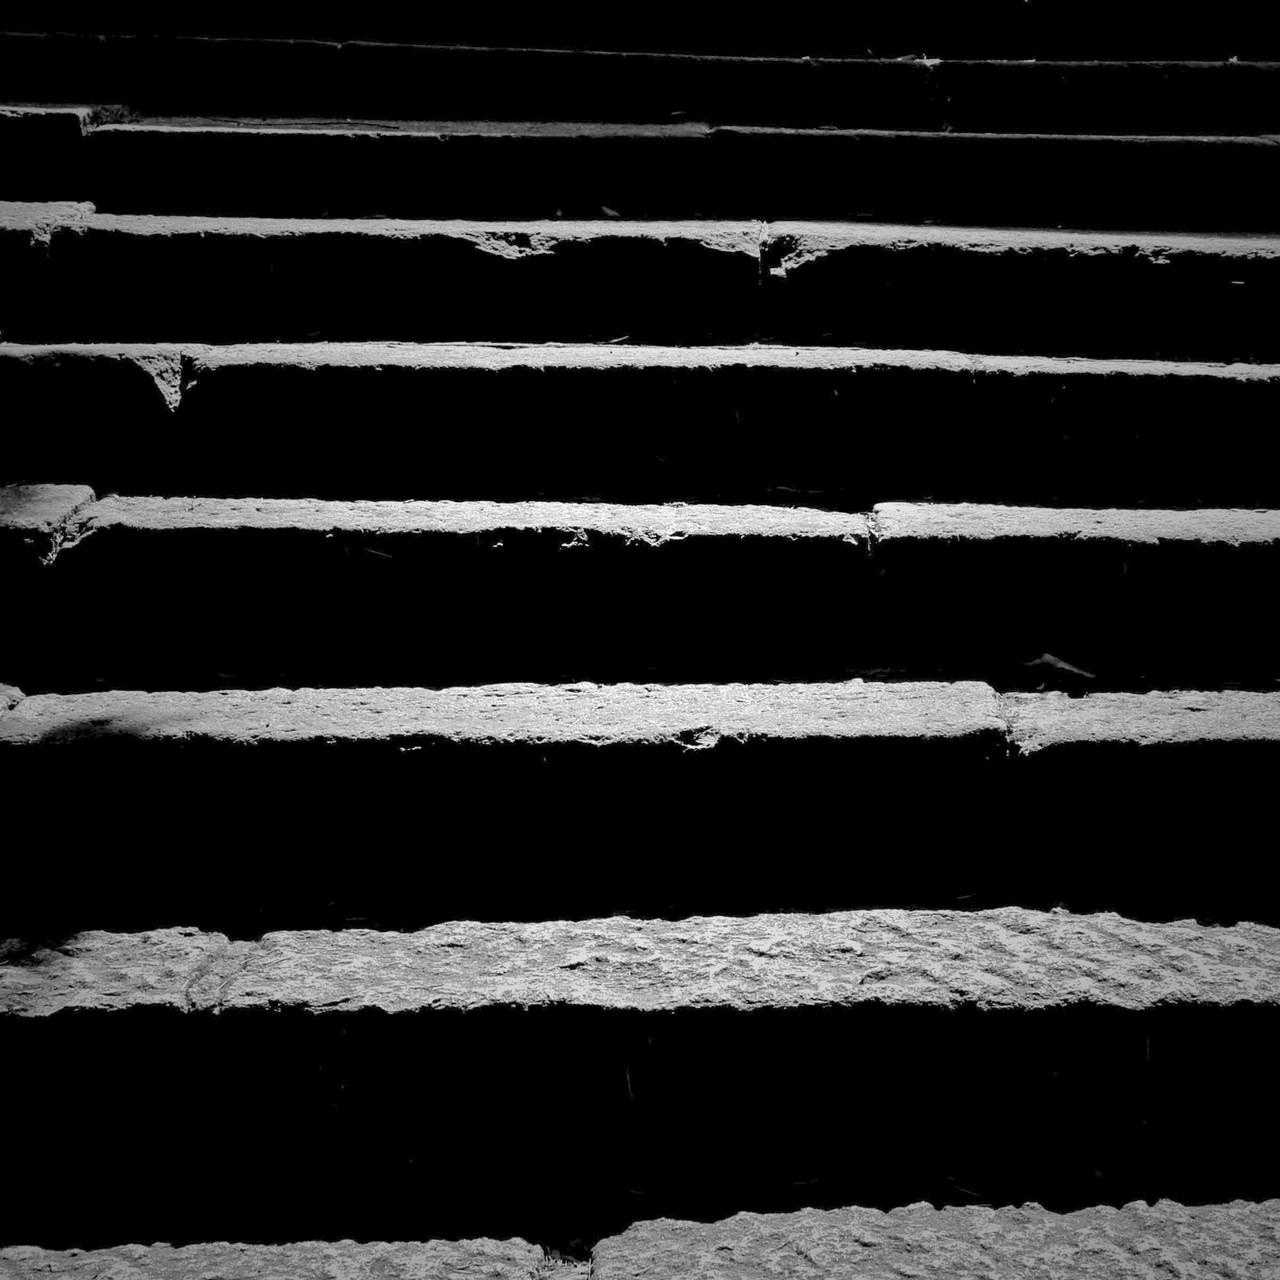 たとえばの話。長い石段の途中にいきなり放り出されたら、あなたなら「上りますか?」それとも、階段を「下りますか?」  答えは・・・どちらも実際に向かうしかわからない。 そういう意味では、時間とは親切だ。いやでも進むしかないのだから。